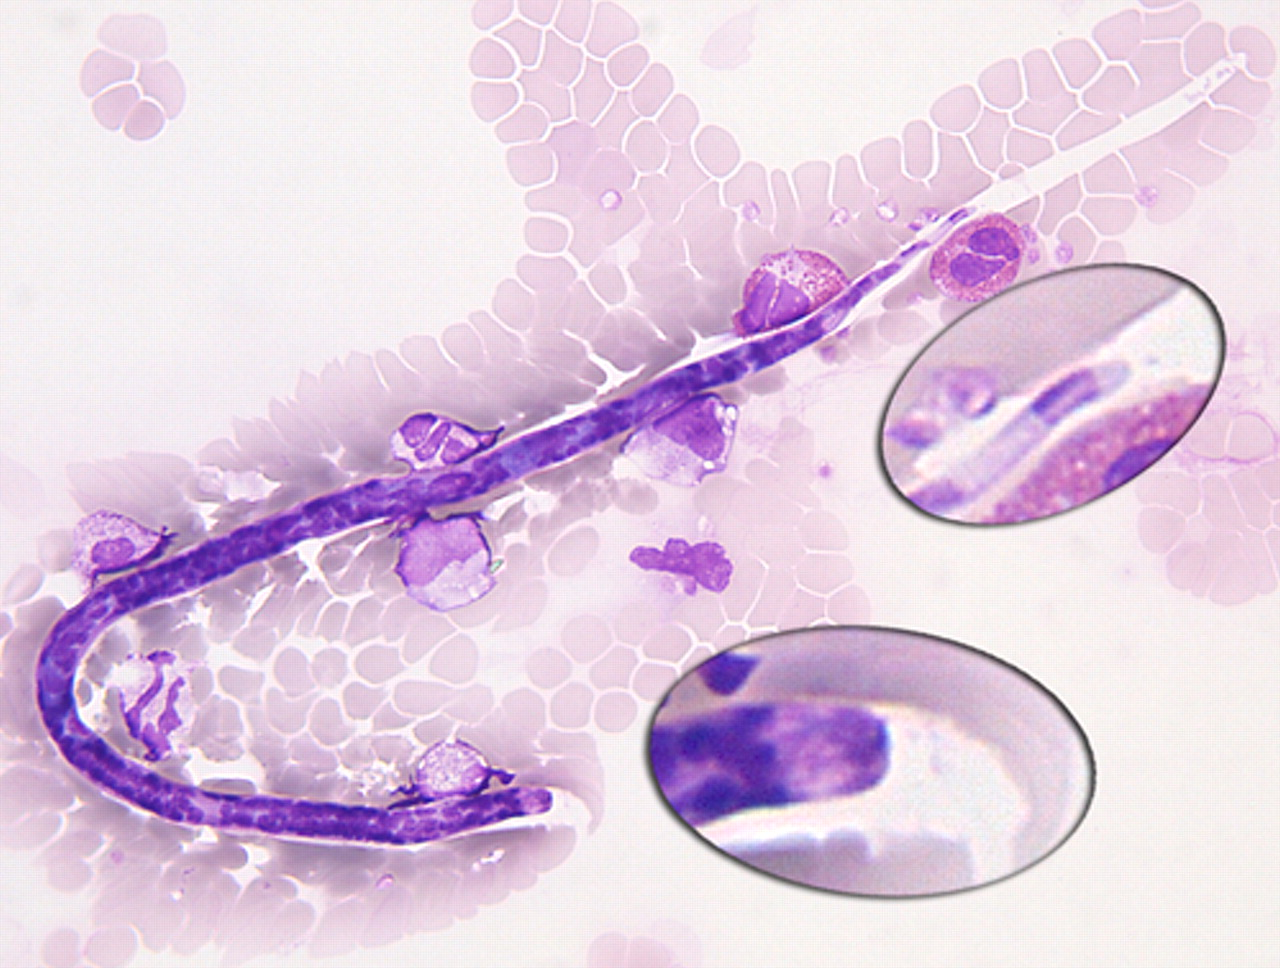 Loa loa microfilariae